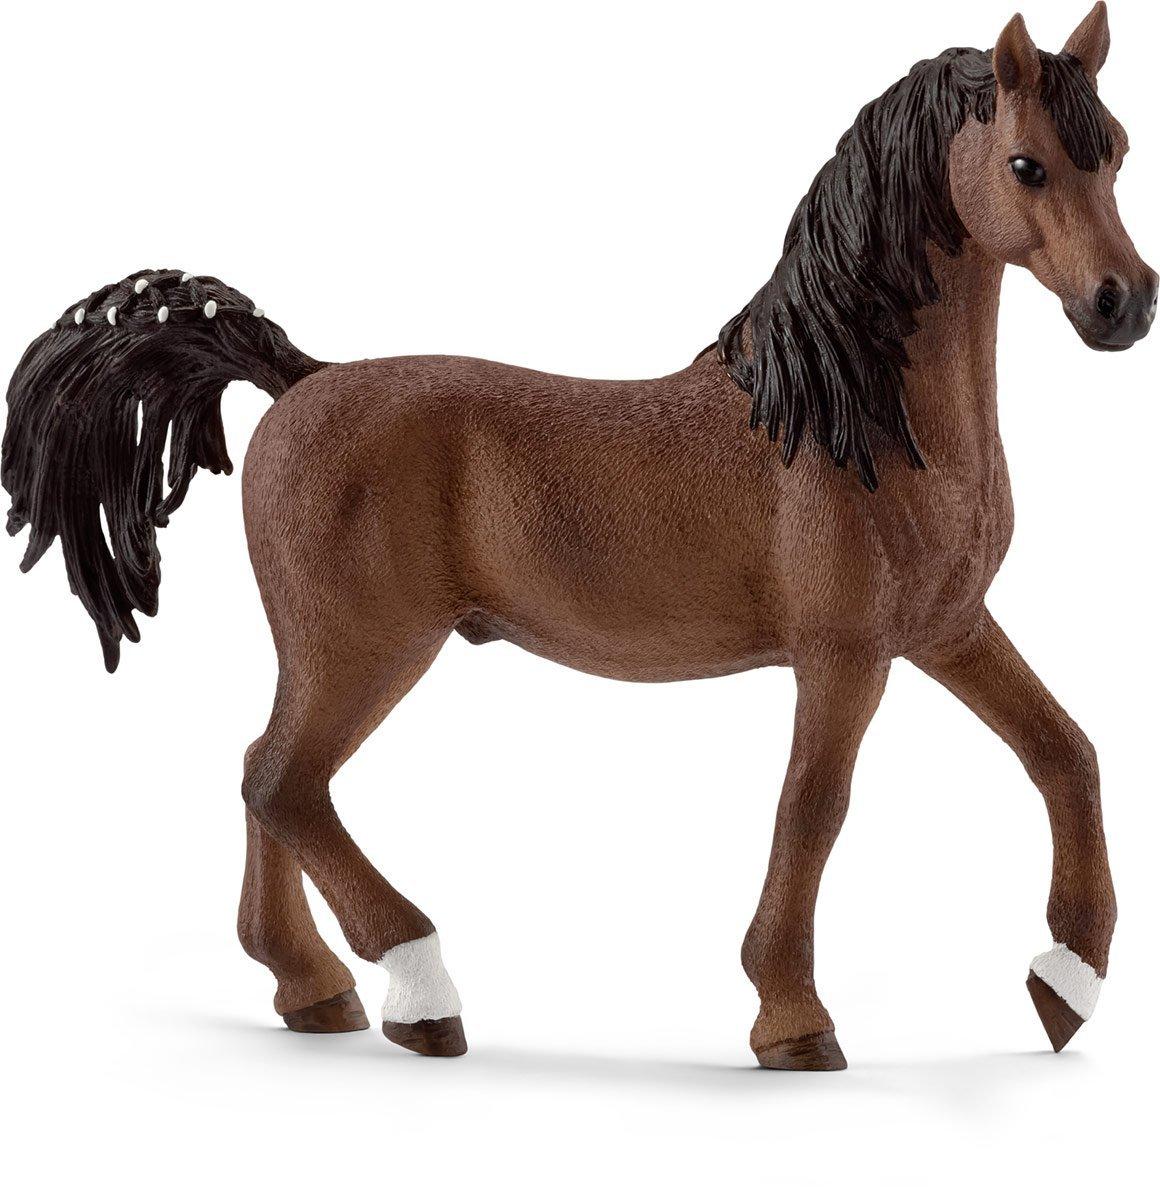 Schleich Фигурка Арабский жеребец13811Очаровательная фигурка Schleich Арабский жеребец обязательно понравится вашему ребенку и дополнит его коллекцию удивительных фигурок Schleich. Многие считают арабских лошадей самой красивой породой лошадей в мире. Их прекрасные высокие хвосты и точеная форма носа особенно поражает воображение. Арабские лошади - самая старая порода лошадей во всем мире. Их разводили еще бедуины. Изначально эта порода появилась в сухих регионах Аравийского полуострова. Элегантные, гладкие и неутомимые, они легко скакали по горячему песку. Сейчас эти прекрасные животные все еще знамениты благодаря своей необычайной выносливости. Арабские лошади также являются самыми быстрыми лошадями в забеге на длинные дистанции. Они, как правило, дружелюбные и надежные. Тем не менее, некоторые считают эту породу лошадей нервными и сложными в обращении - арабские лошади являются невероятно чувствительными созданиями. Прекрасно выполненные фигурки Schleich отличаются высочайшим качеством игрушек ручной...